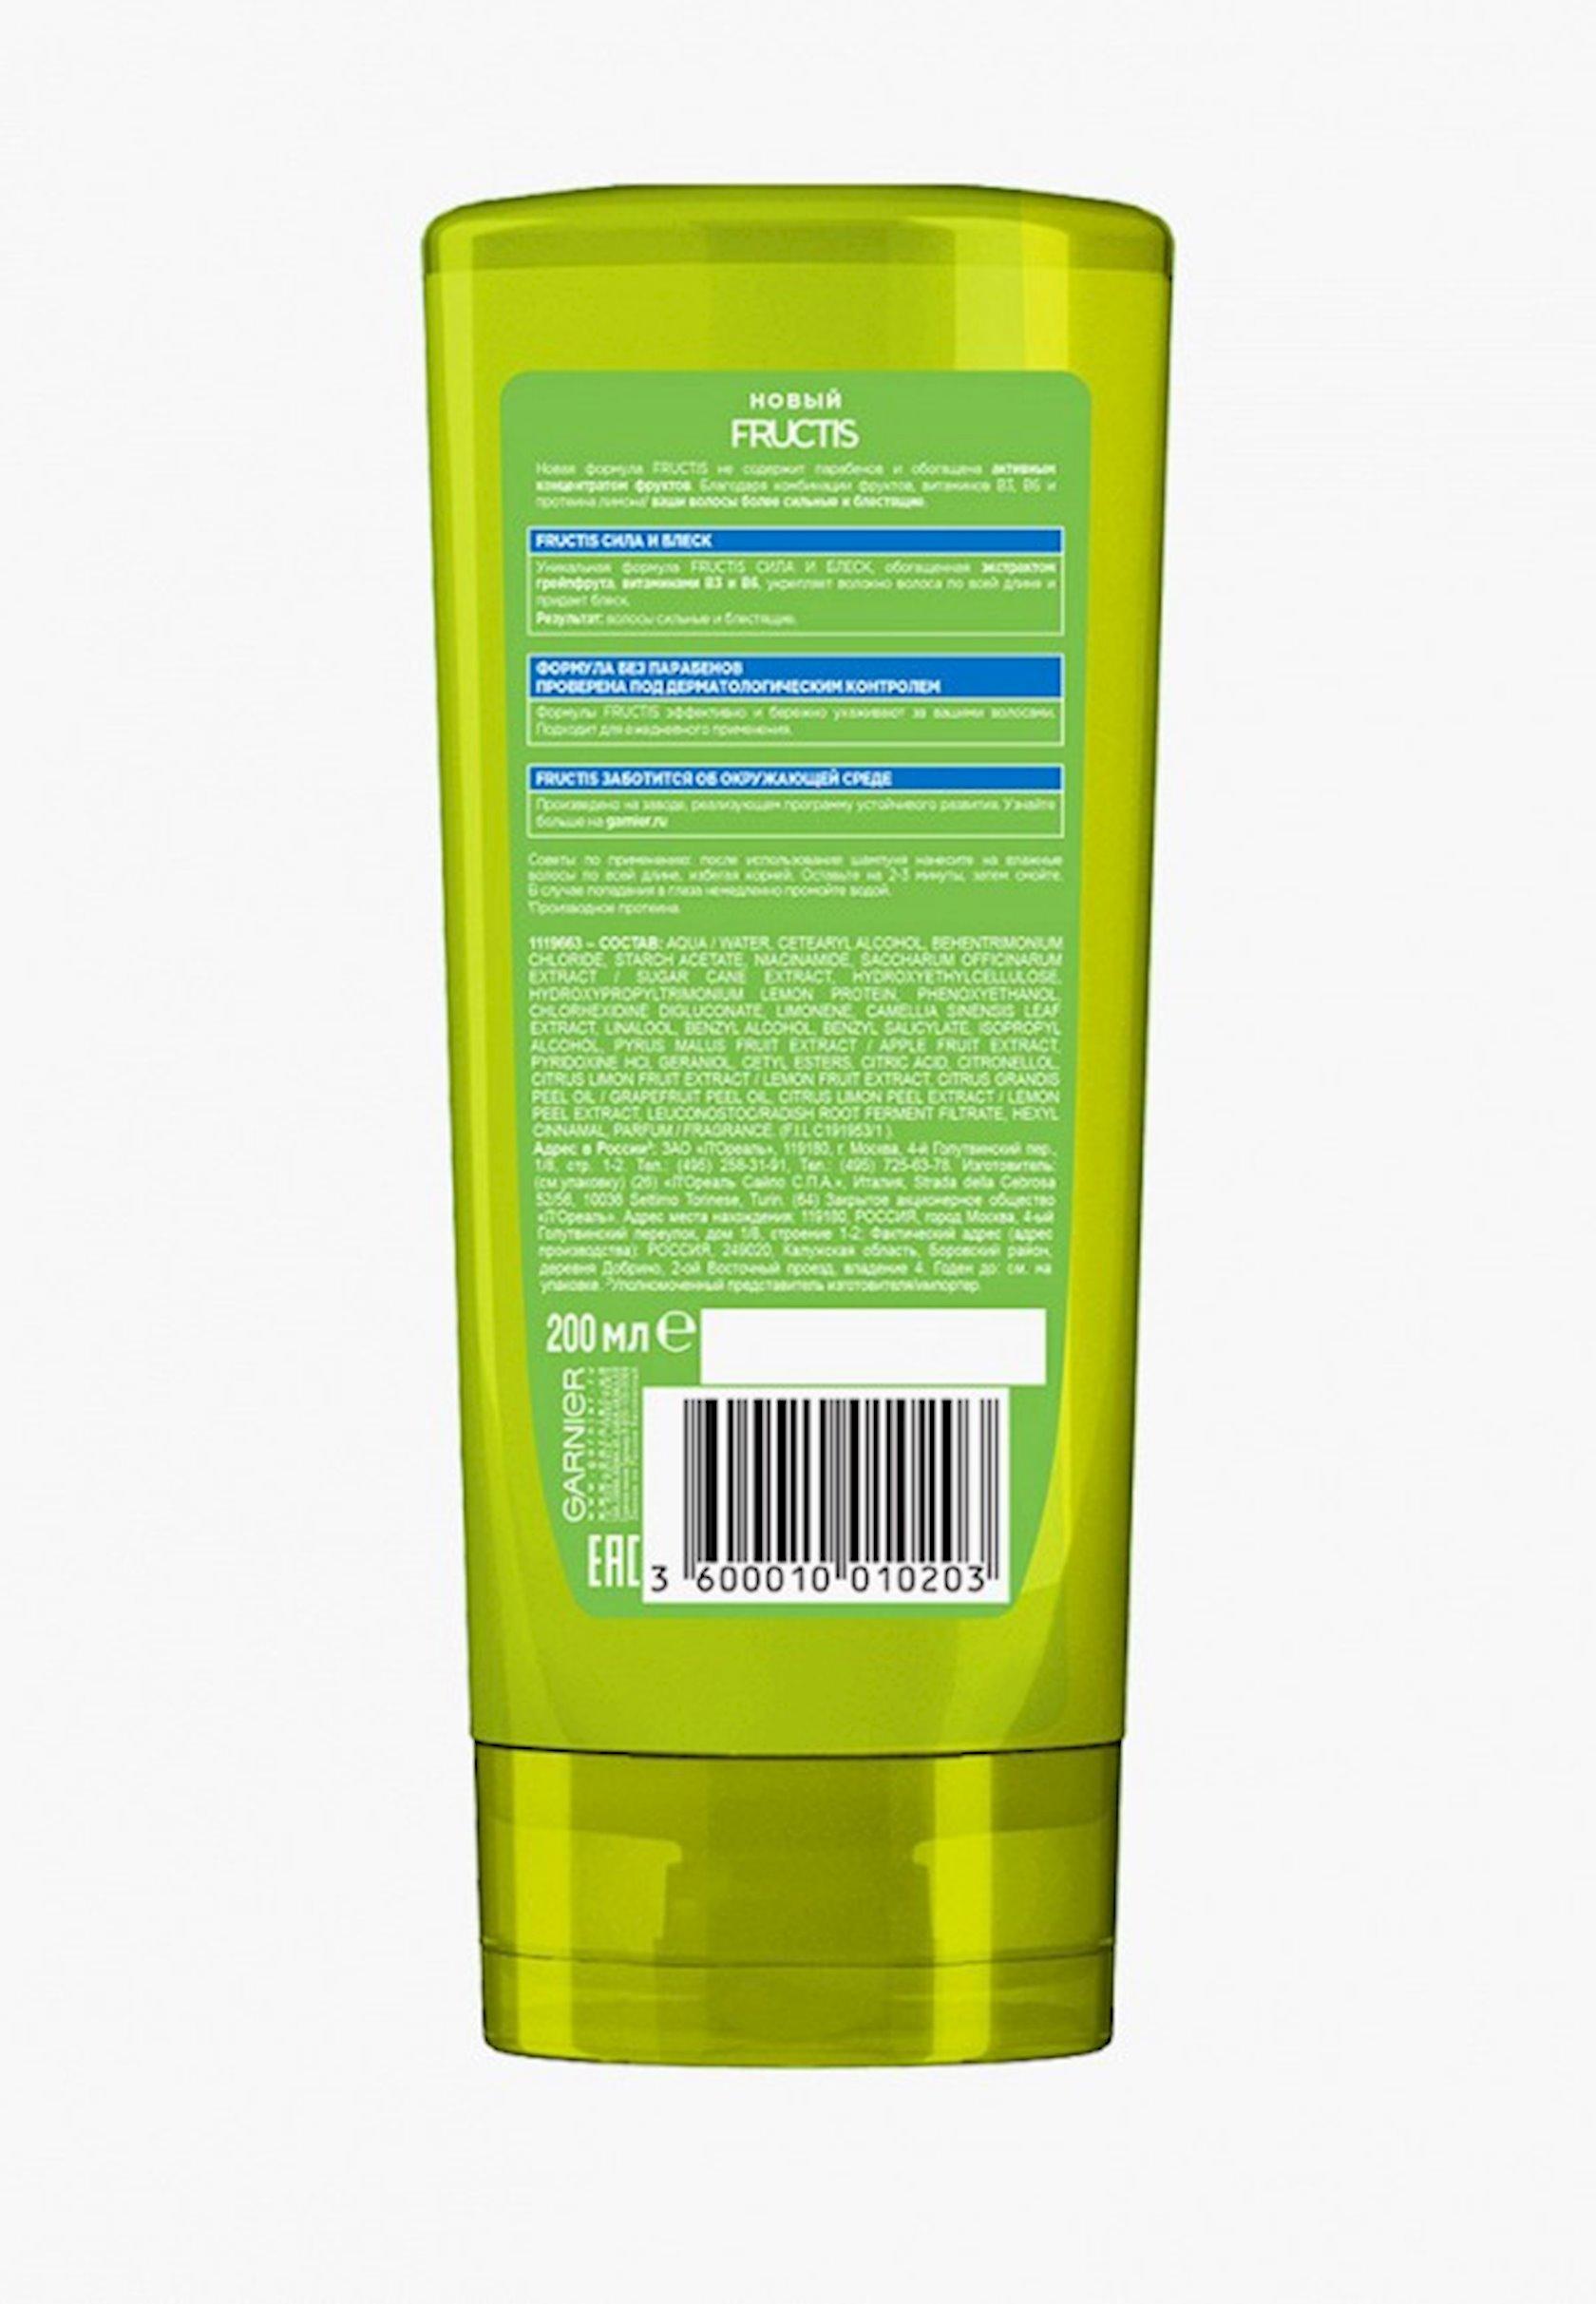 Balzam Garnier Fructis Strength and Shine gücləndirici, normal saçlar üçün